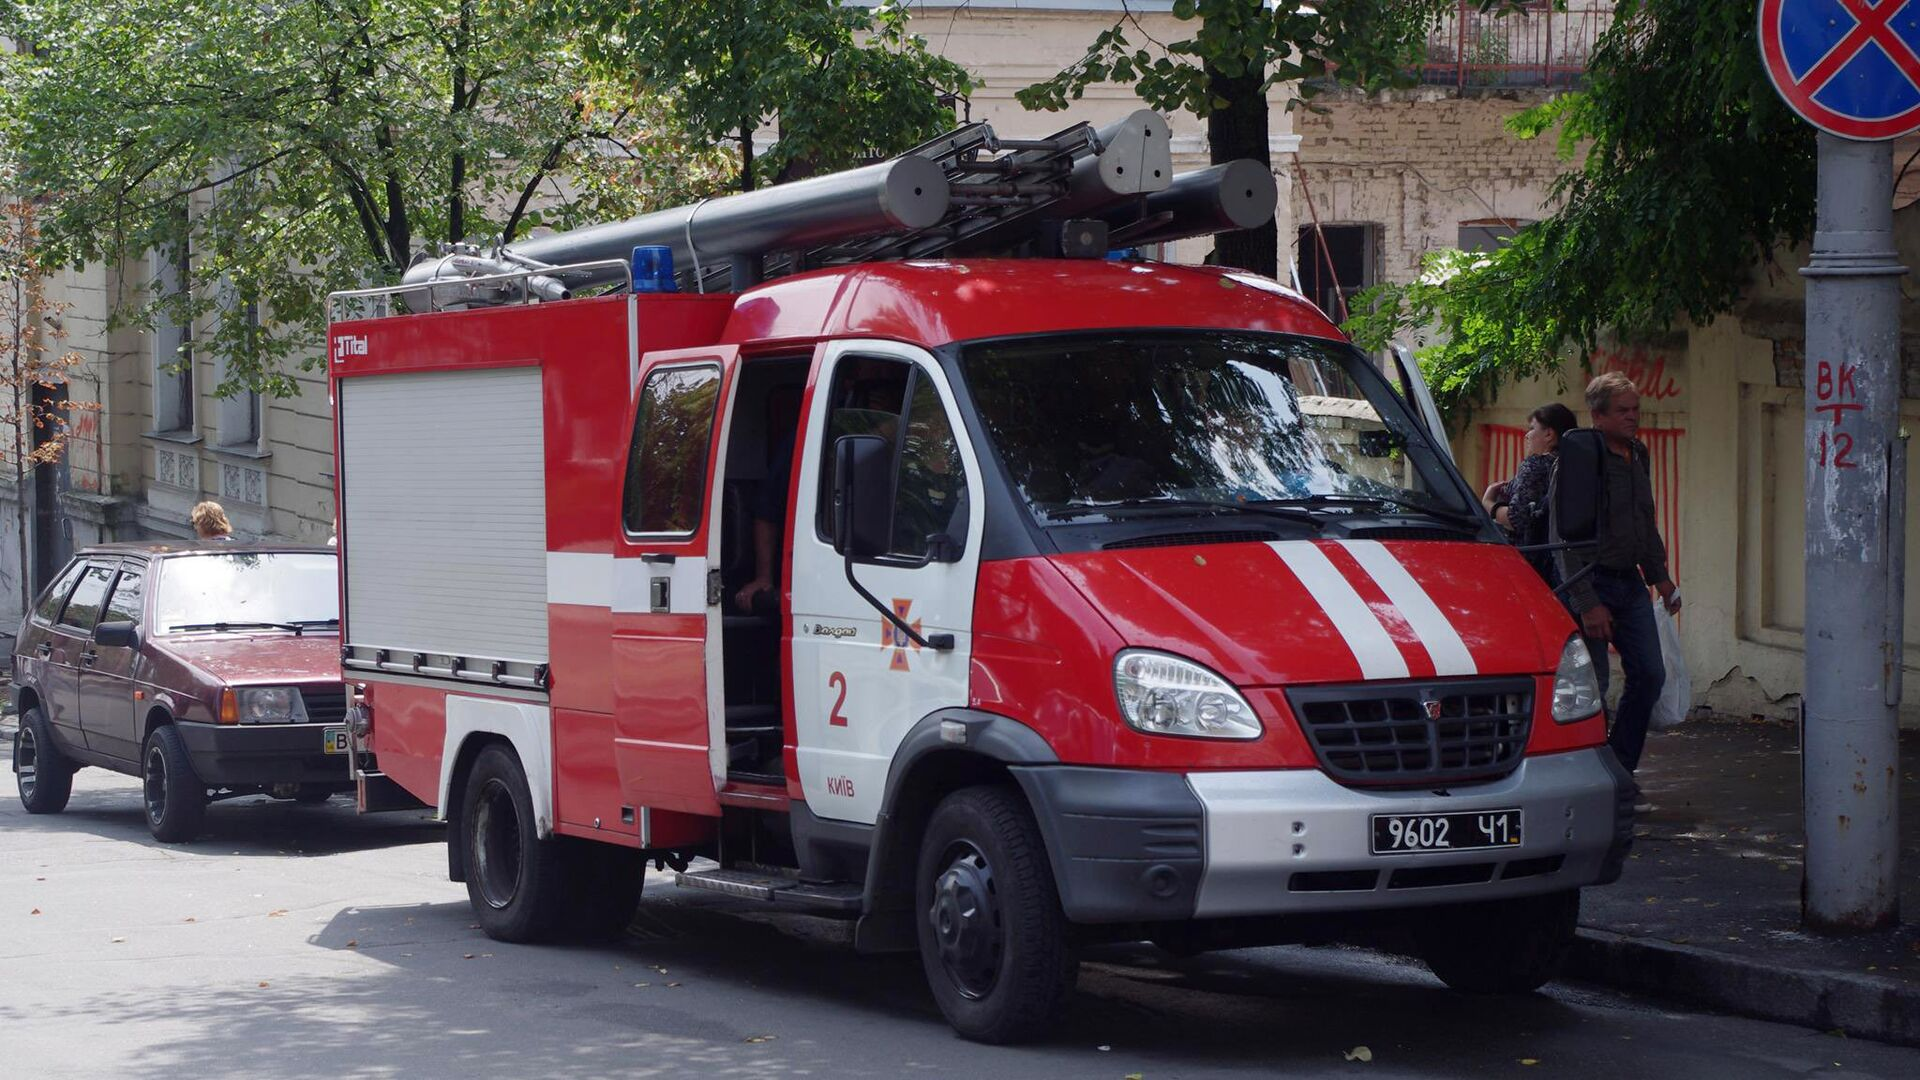 Пожарная машина в Киеве  - РИА Новости, 1920, 01.08.2021